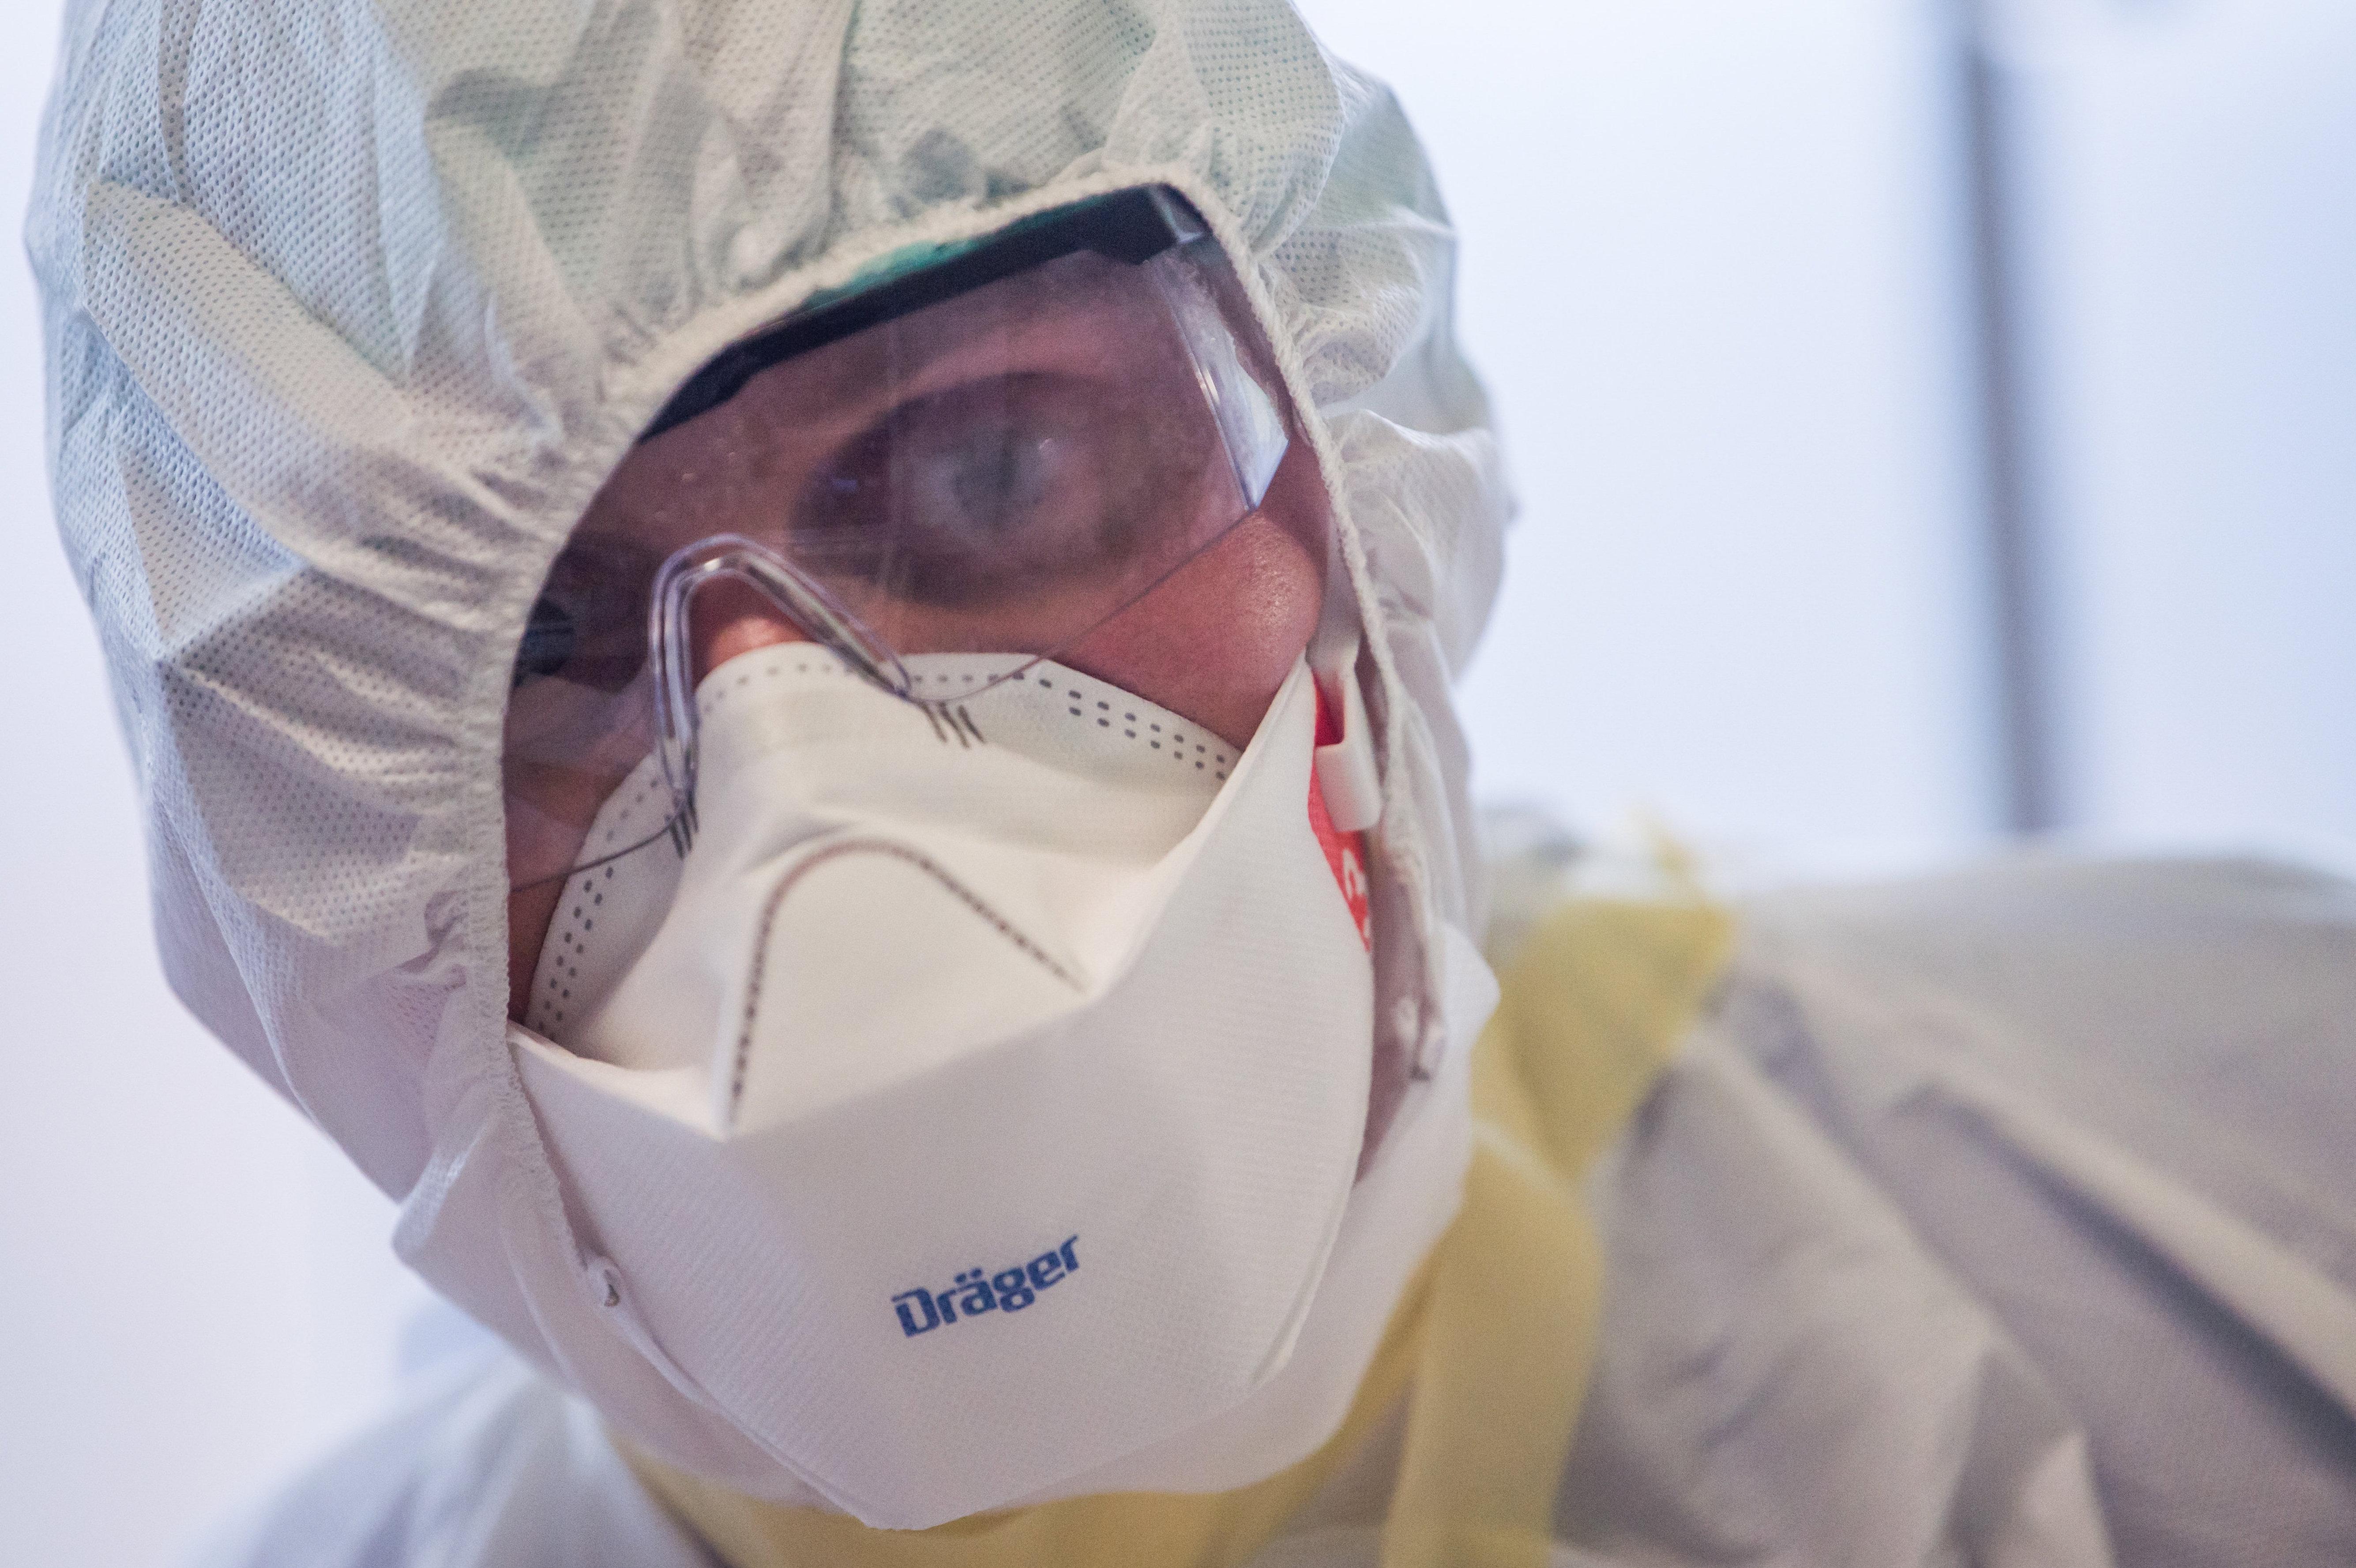 A kórházi adatokat sem adják ki, két hét után újabb másfél hónapot kértek